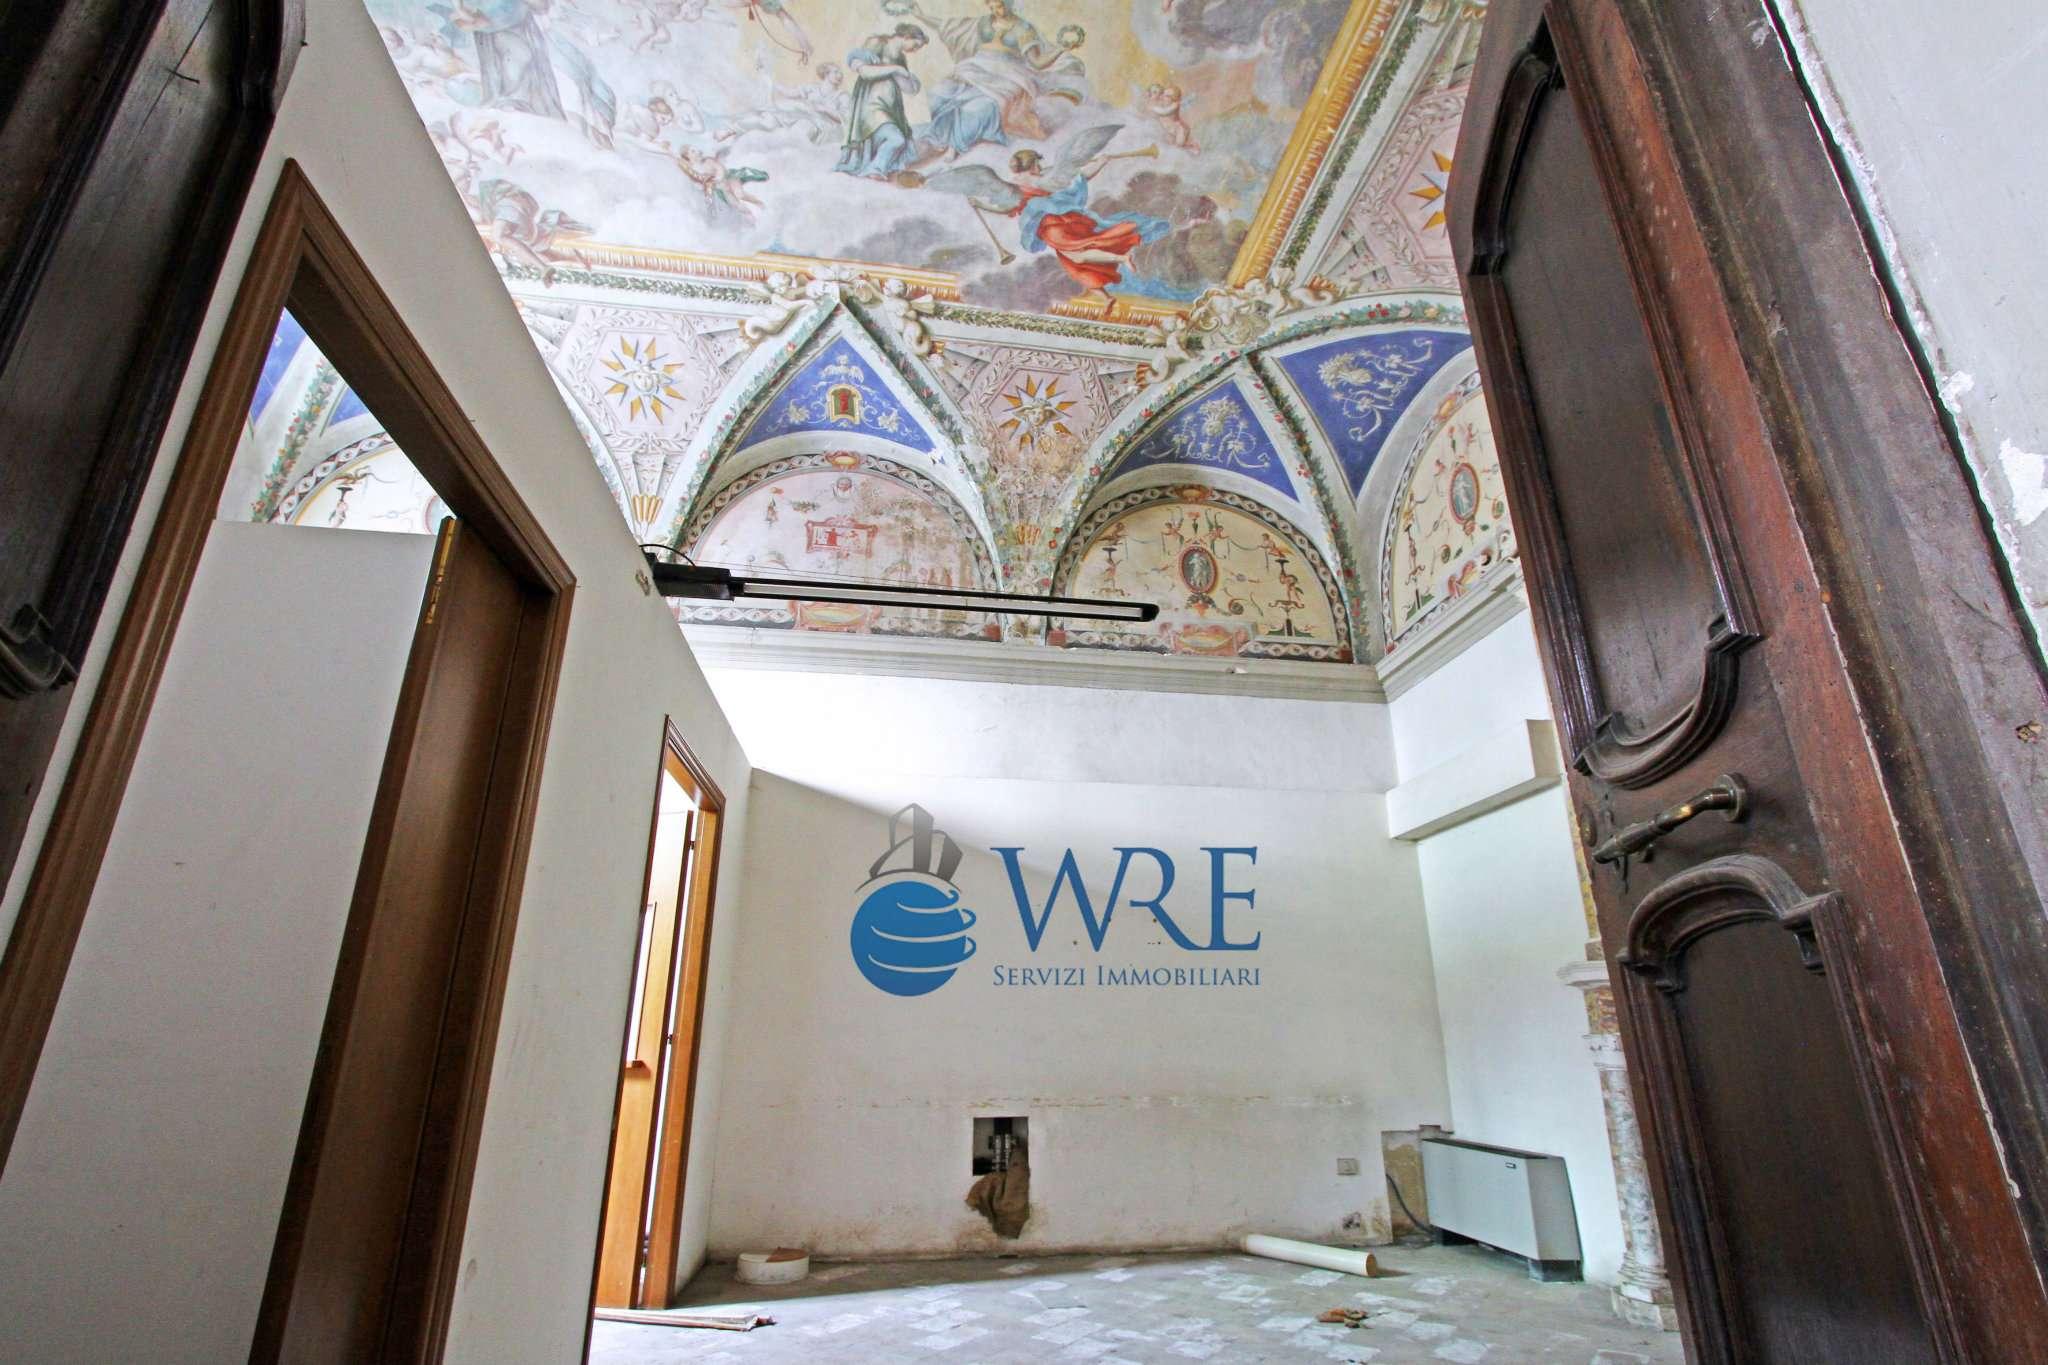 Immobile Commerciale in vendita a Città di Castello, 39 locali, prezzo € 650.000 | Cambio Casa.it